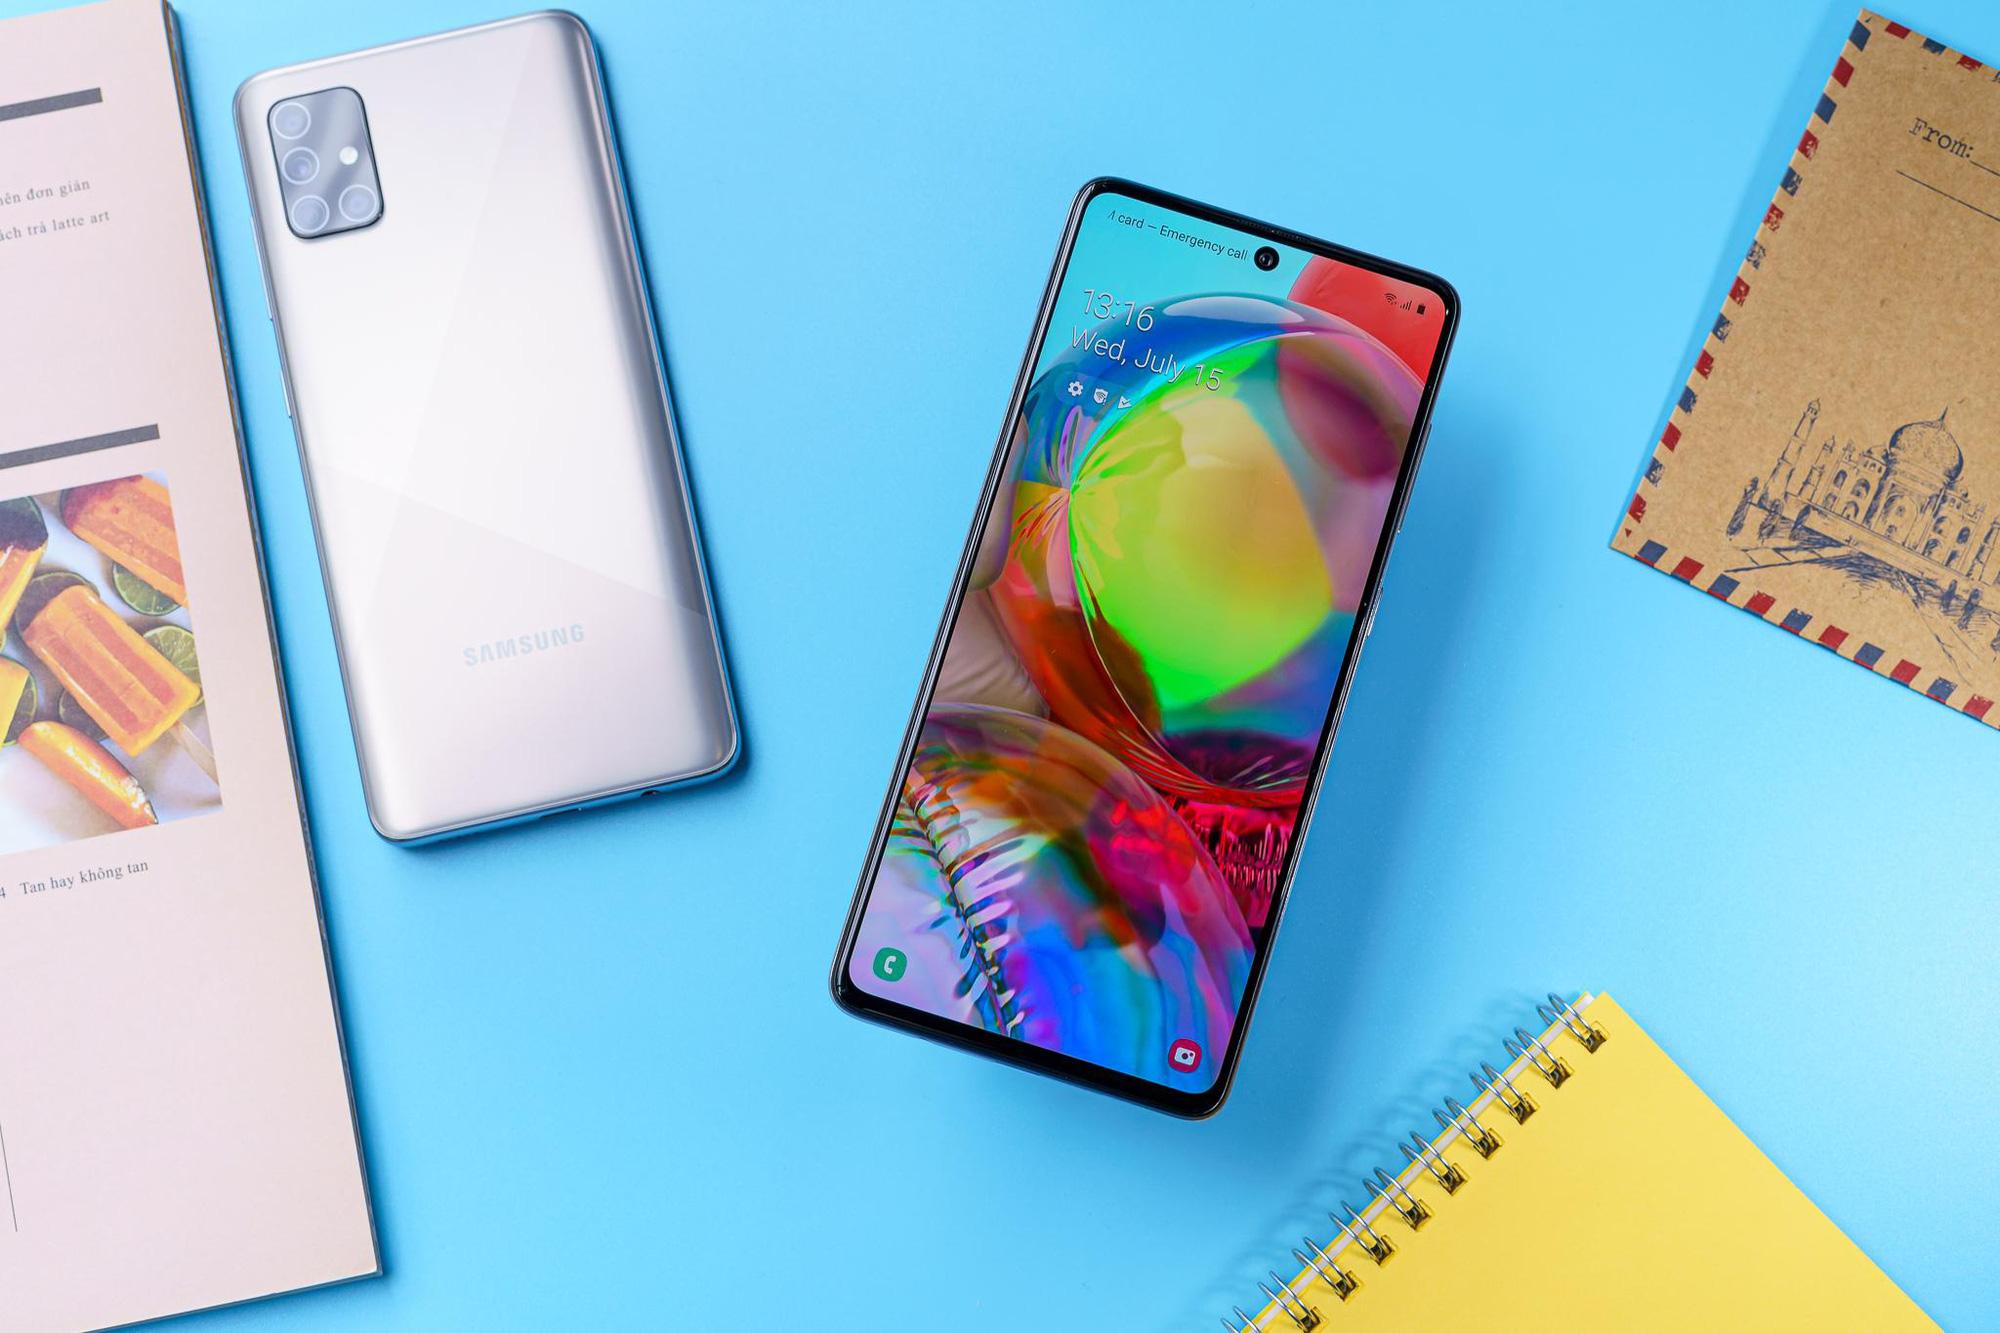 Hết đột phá này đến đột phá khác, Samsung Galaxy A51|A71 chưa bao giờ làm người trẻ hết thích thú - Ảnh 1.